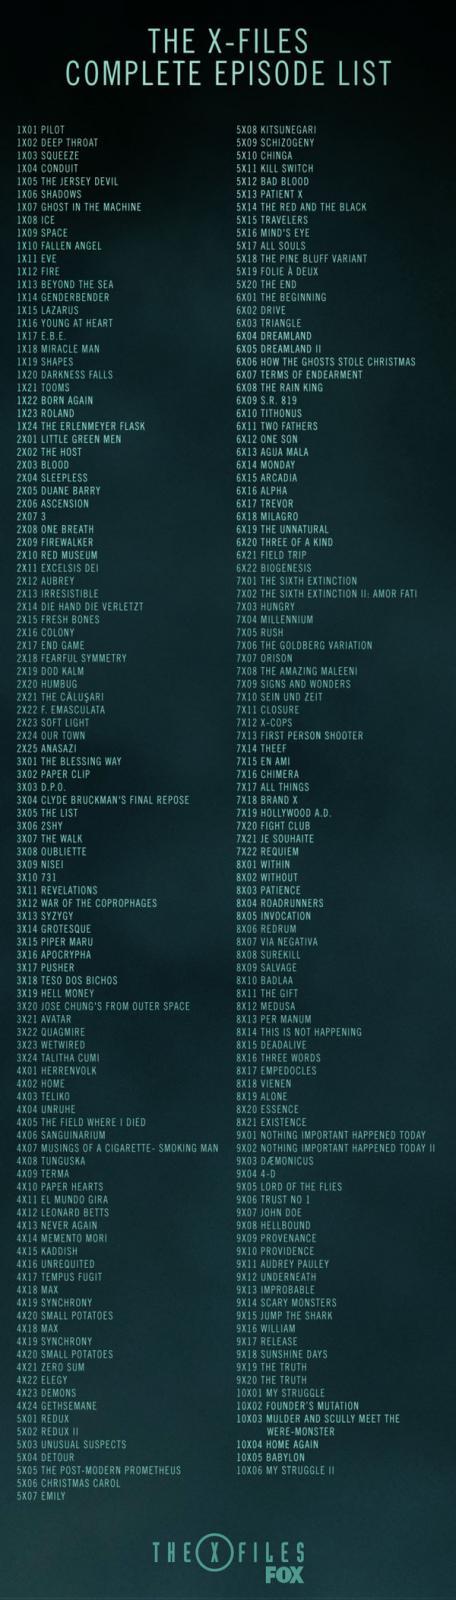 Секретные Материалы - список всех серий (The X-Files - complete episodes list).jpg